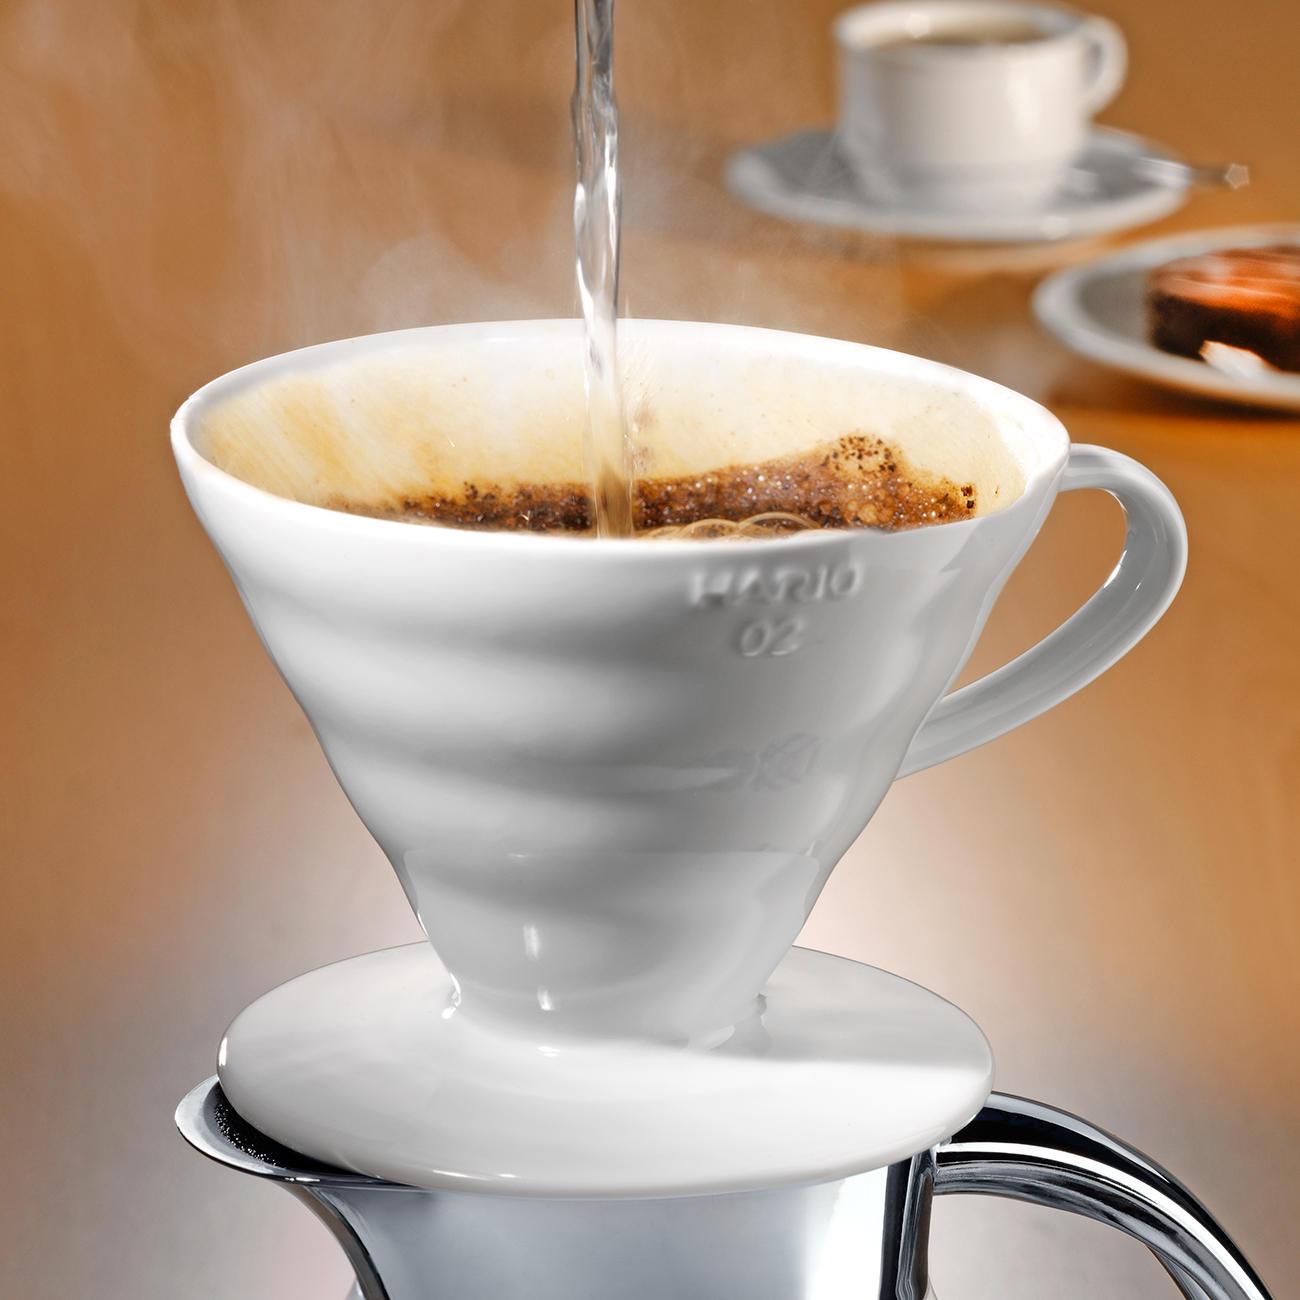 porzellan kaffeefilter hario mit 3 jahren garantie. Black Bedroom Furniture Sets. Home Design Ideas